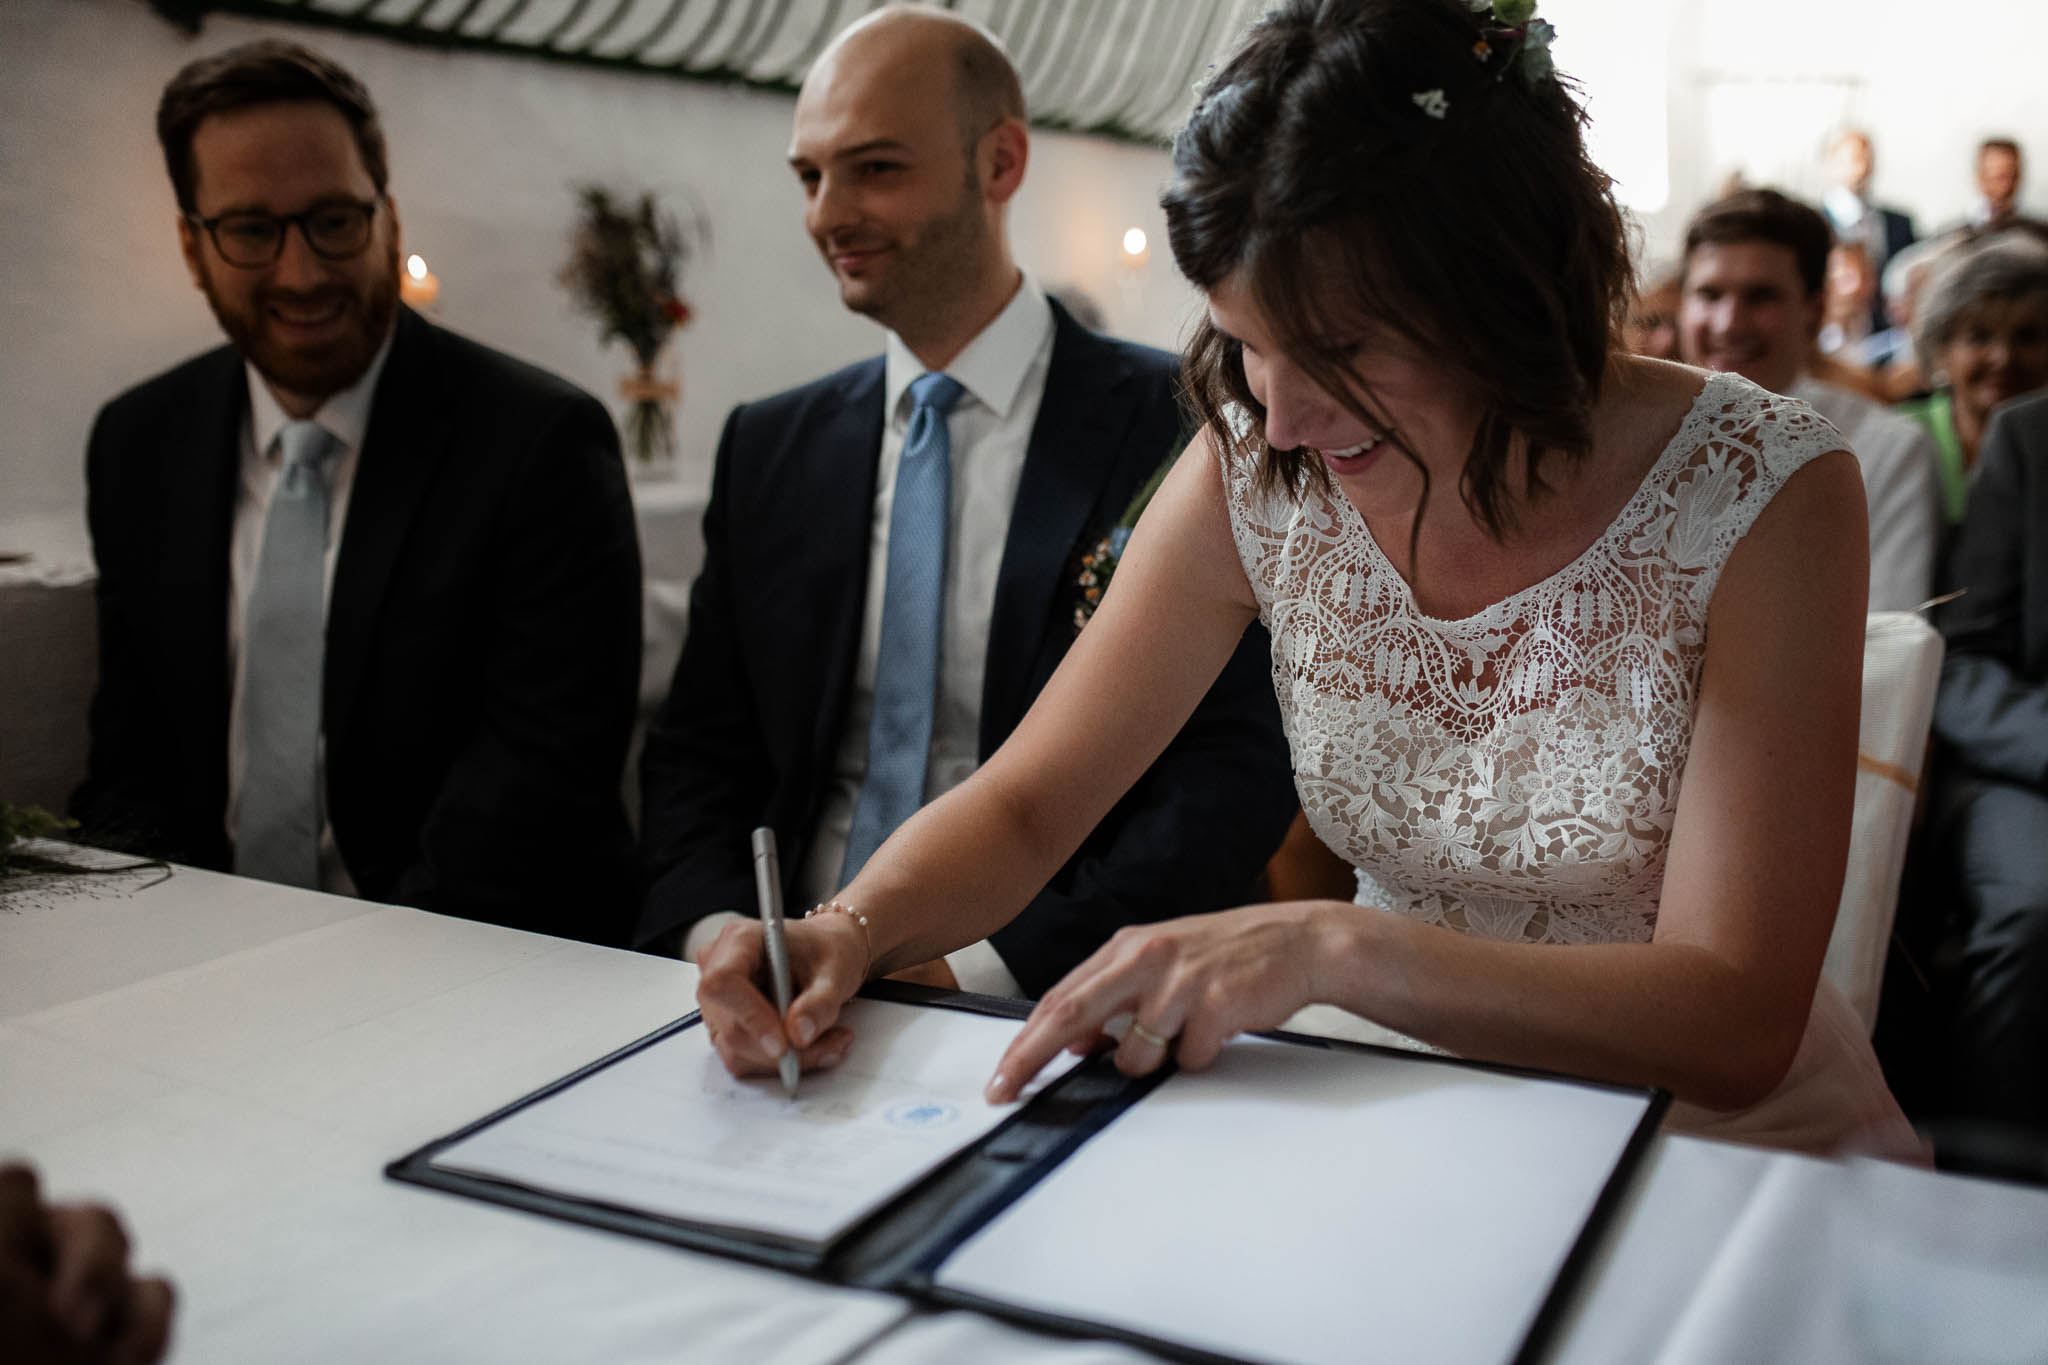 Hochzeitsfotograf Guntersblum, Domhof - Hochzeit von Ina & Johannes 28